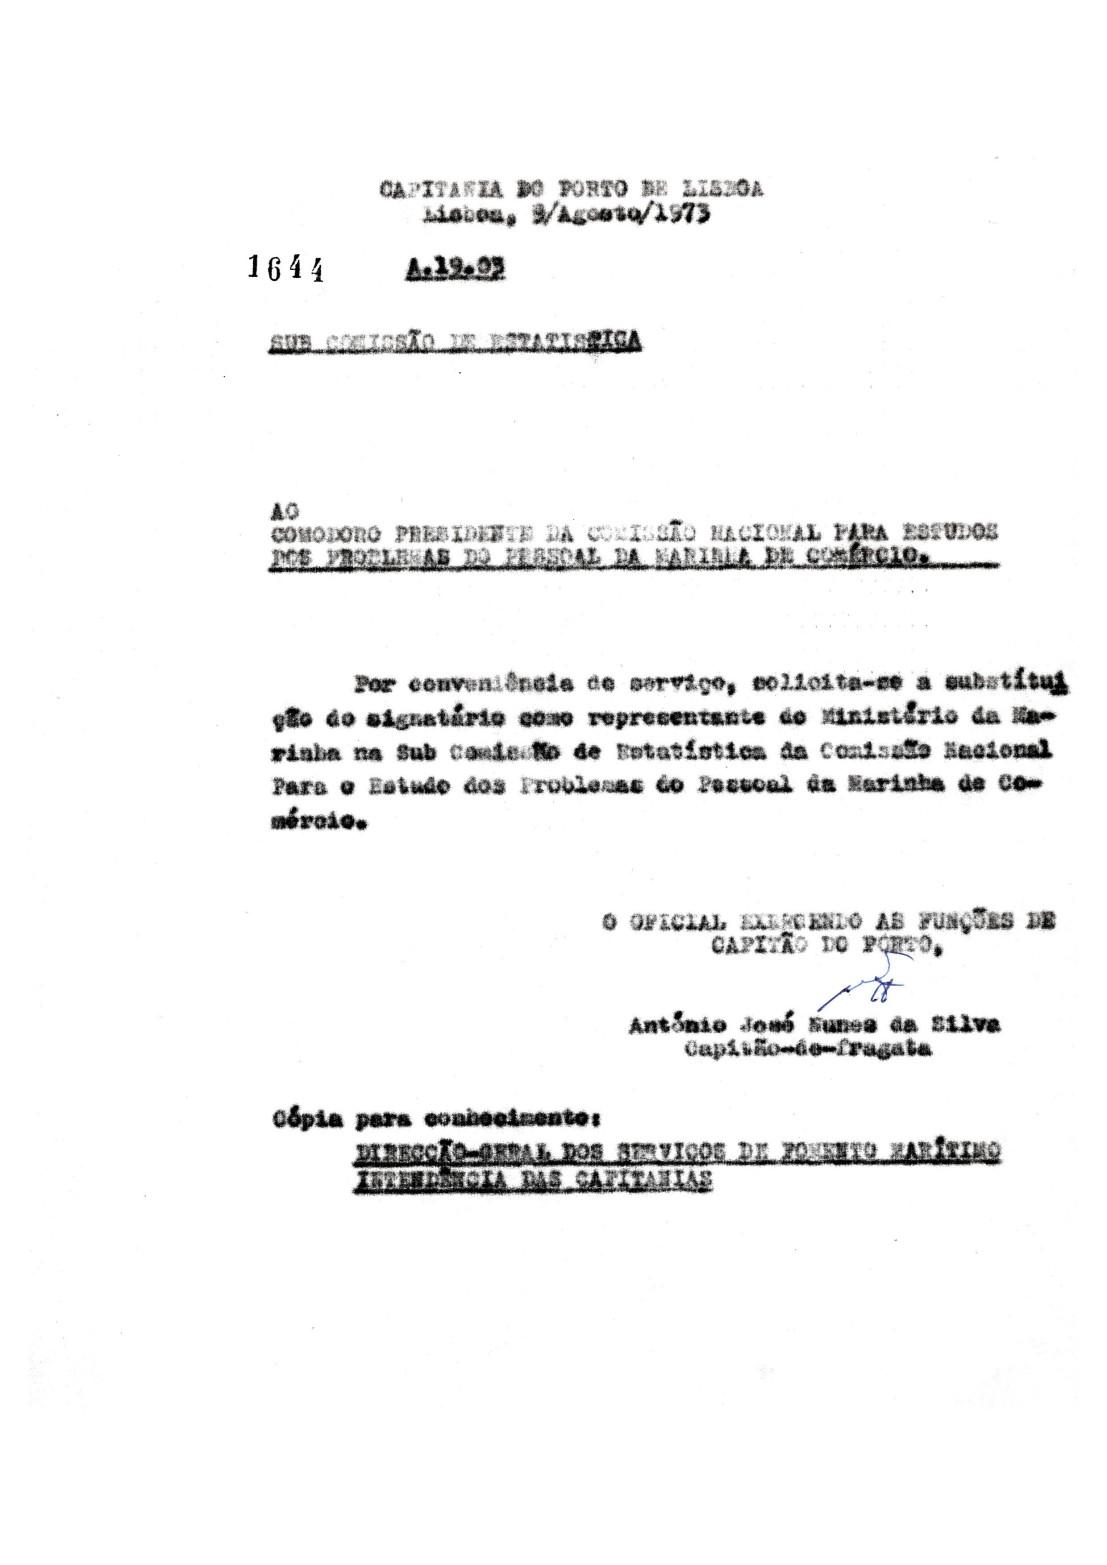 00630 973-08-05 meu pedido de exoneração de Presidente da Sub-Comissão de Estatística da CNEPPMC feito com_20101113235512305